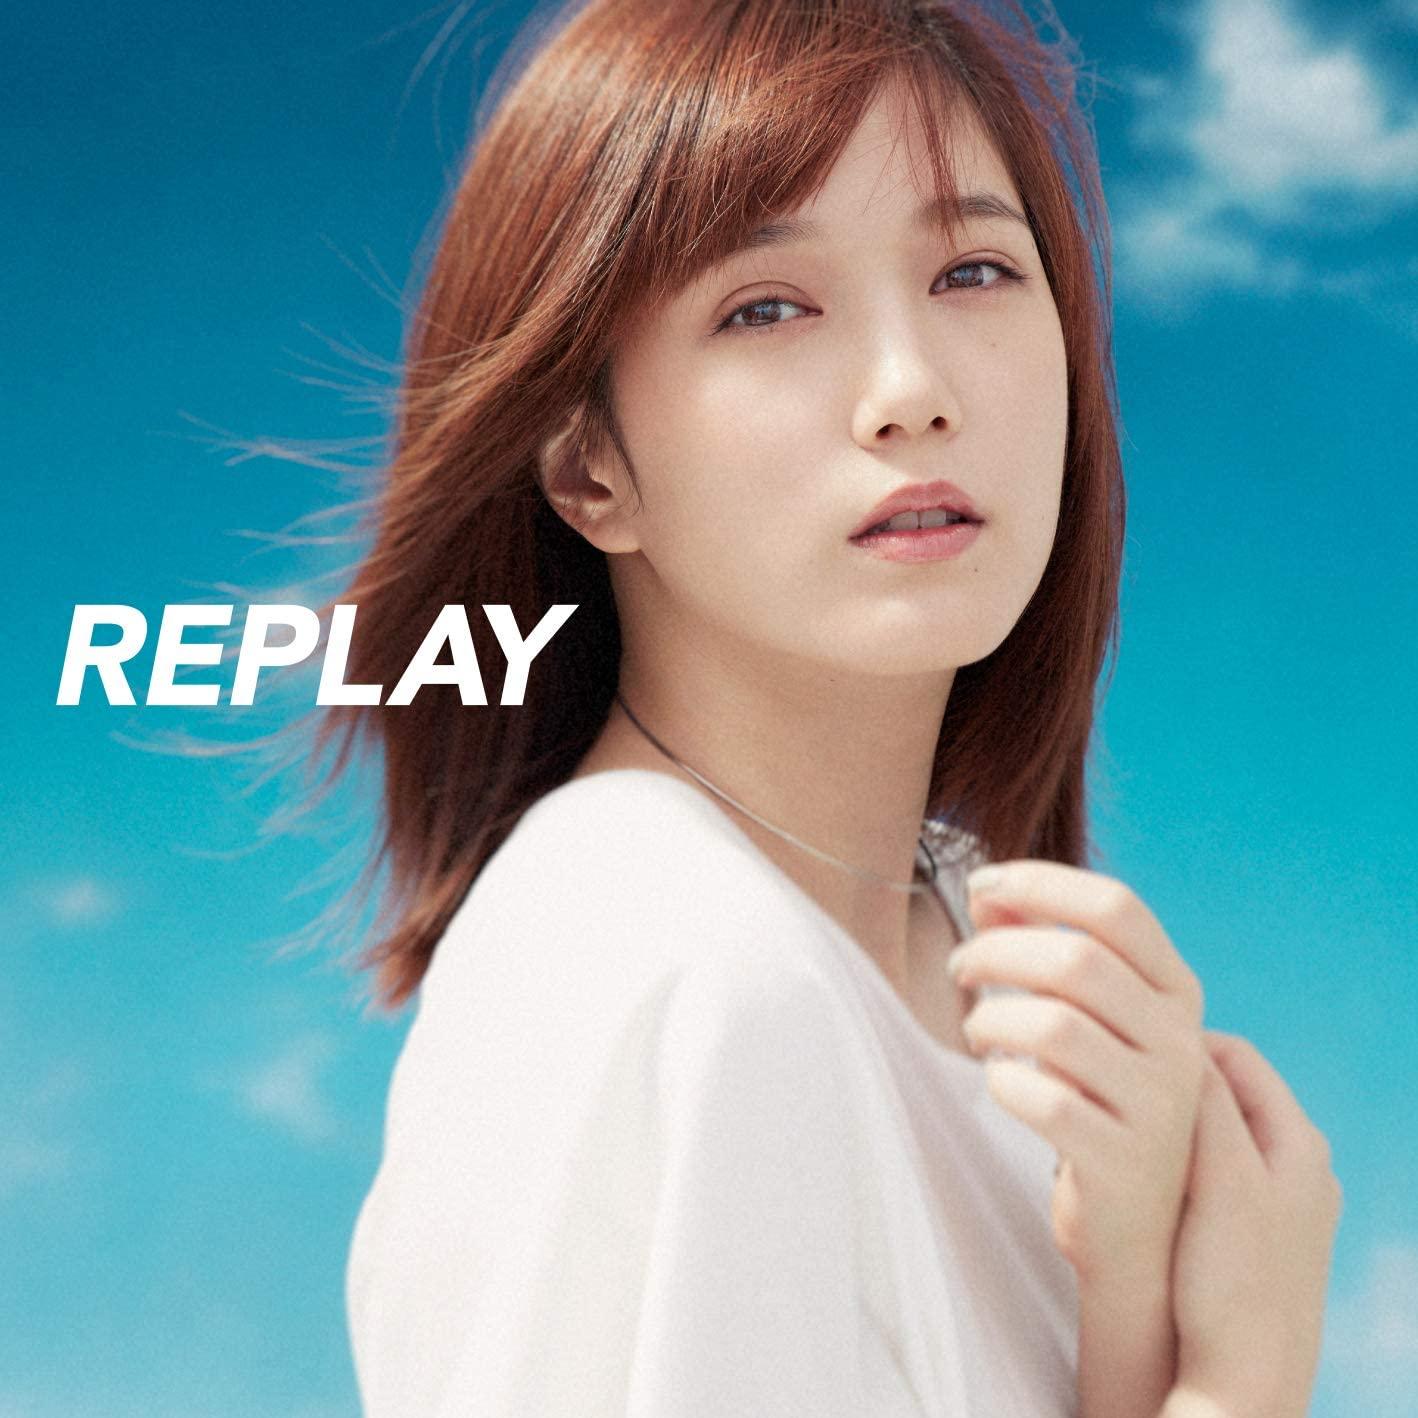 REPLAY ~再び想う、きらめきのストーリー~ CD  [2020.07.29+MP3+RAR]